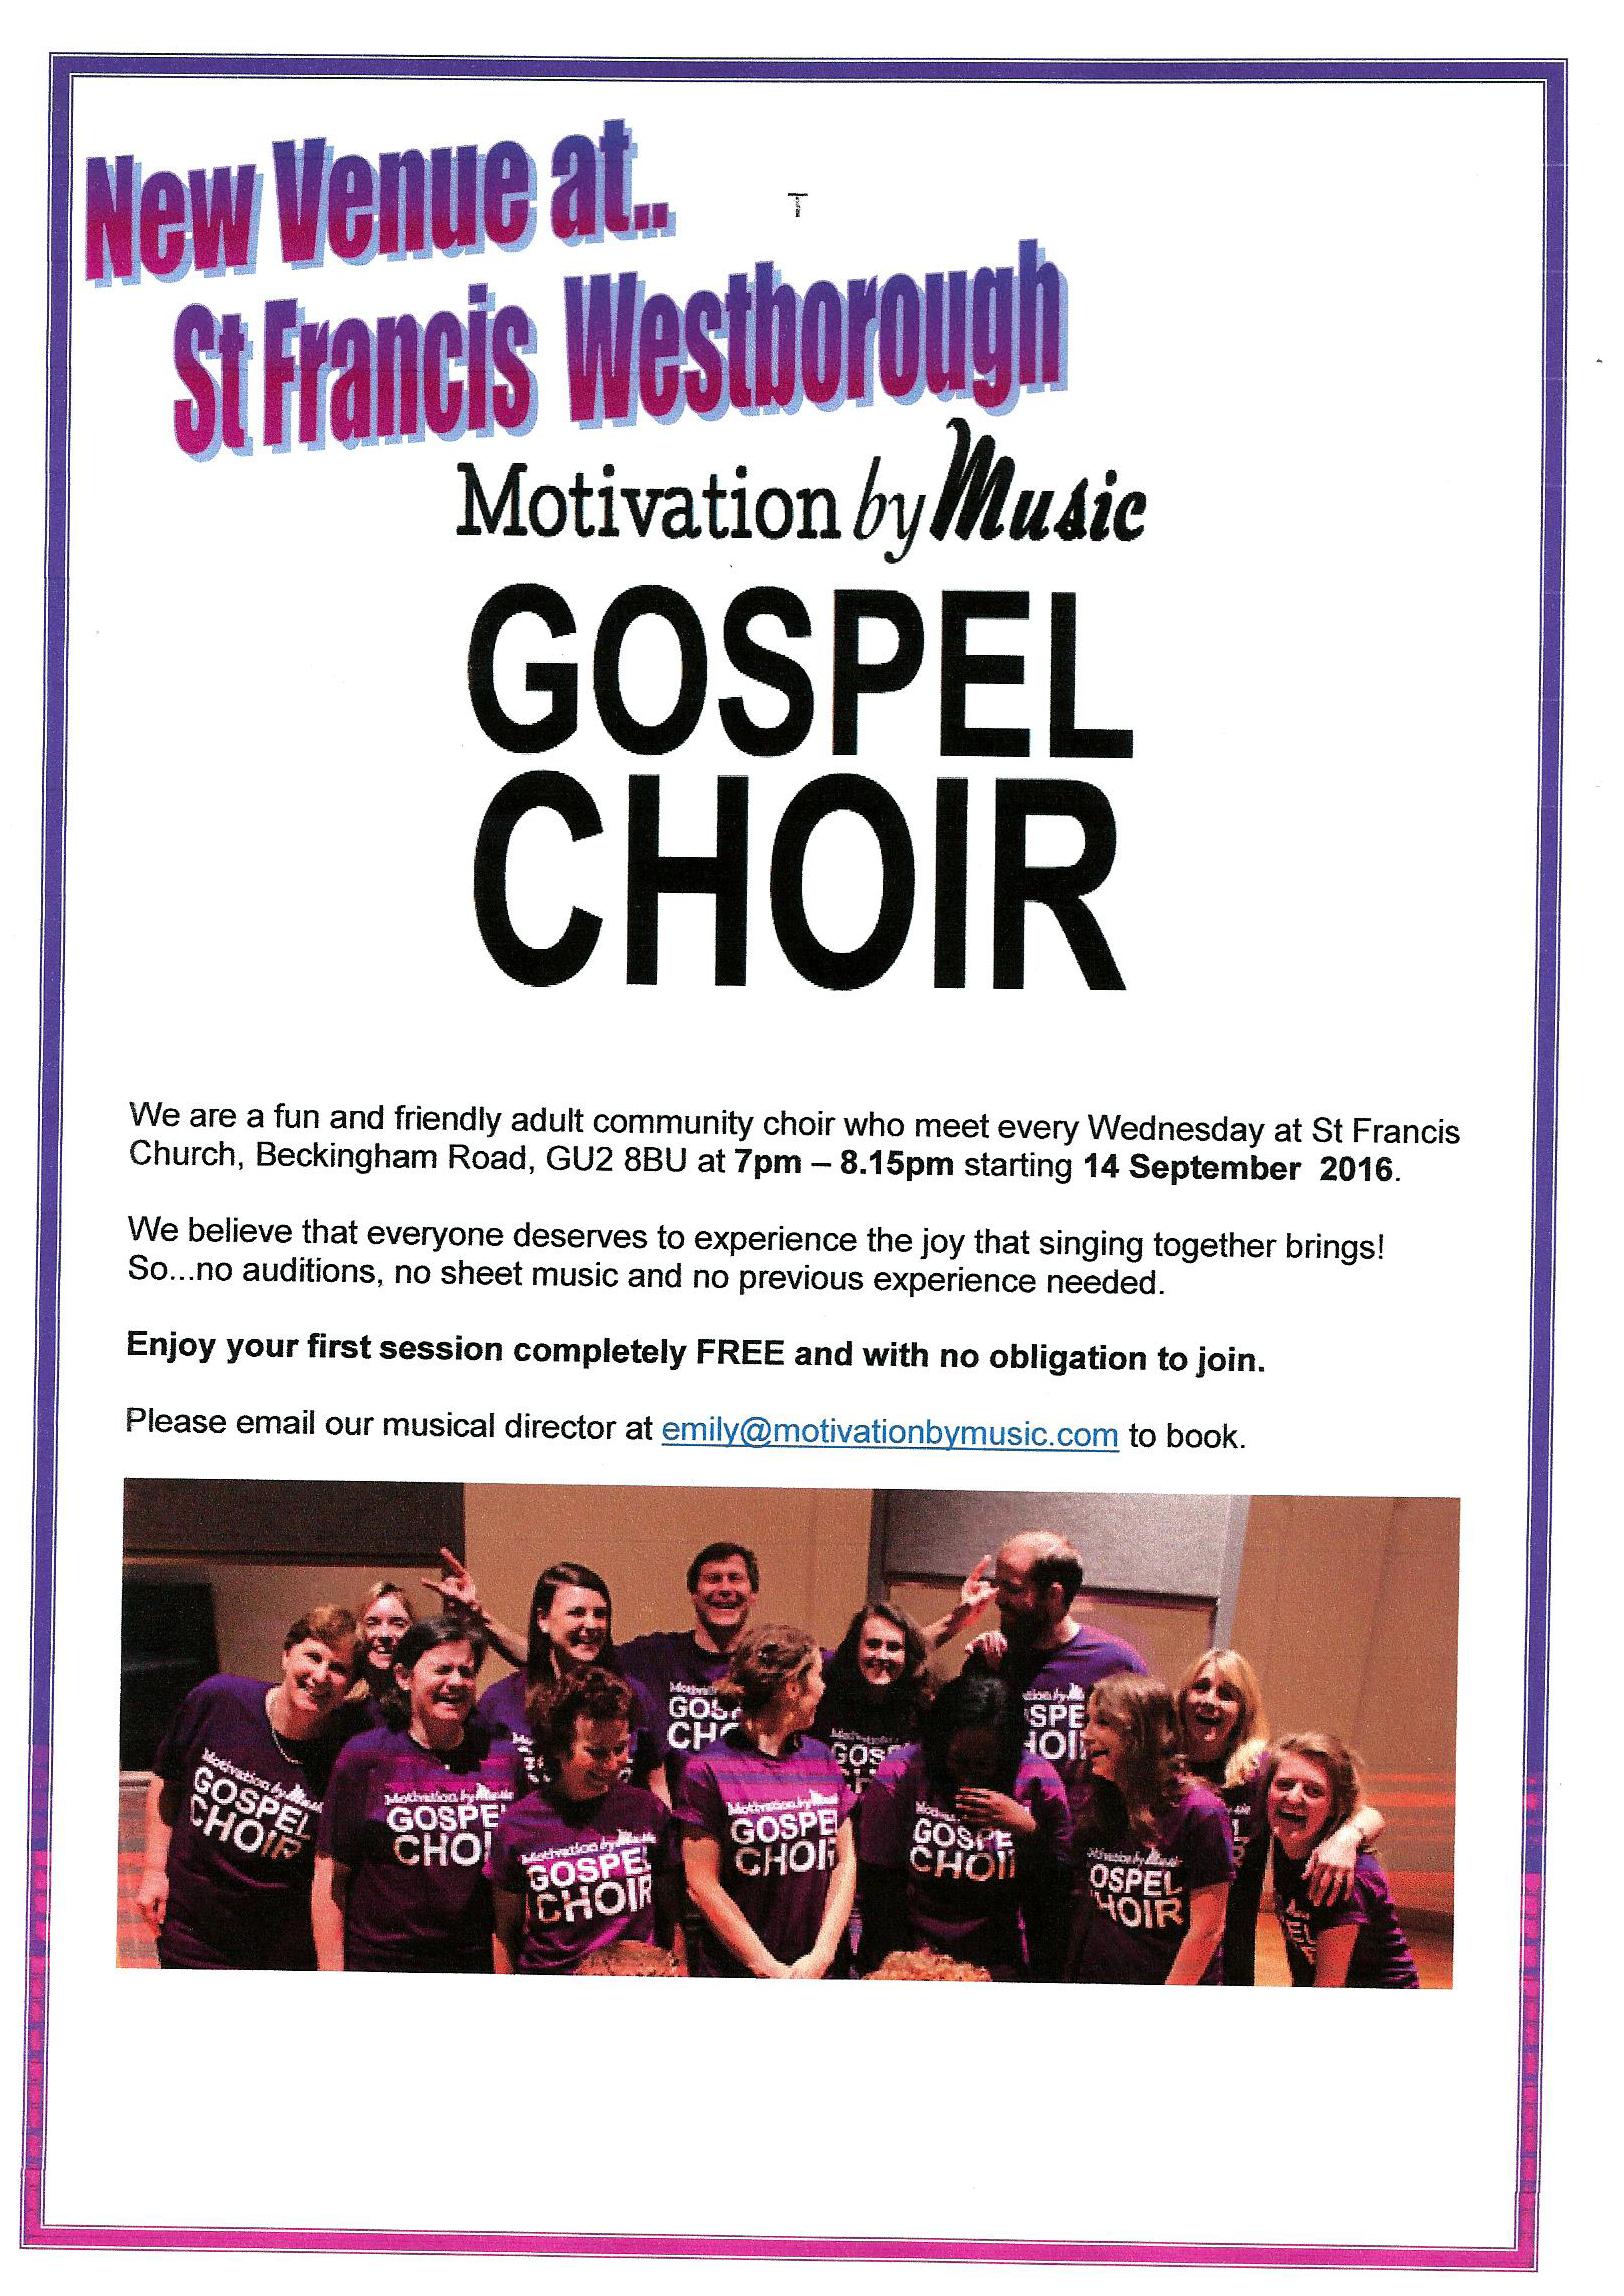 MBM Choir